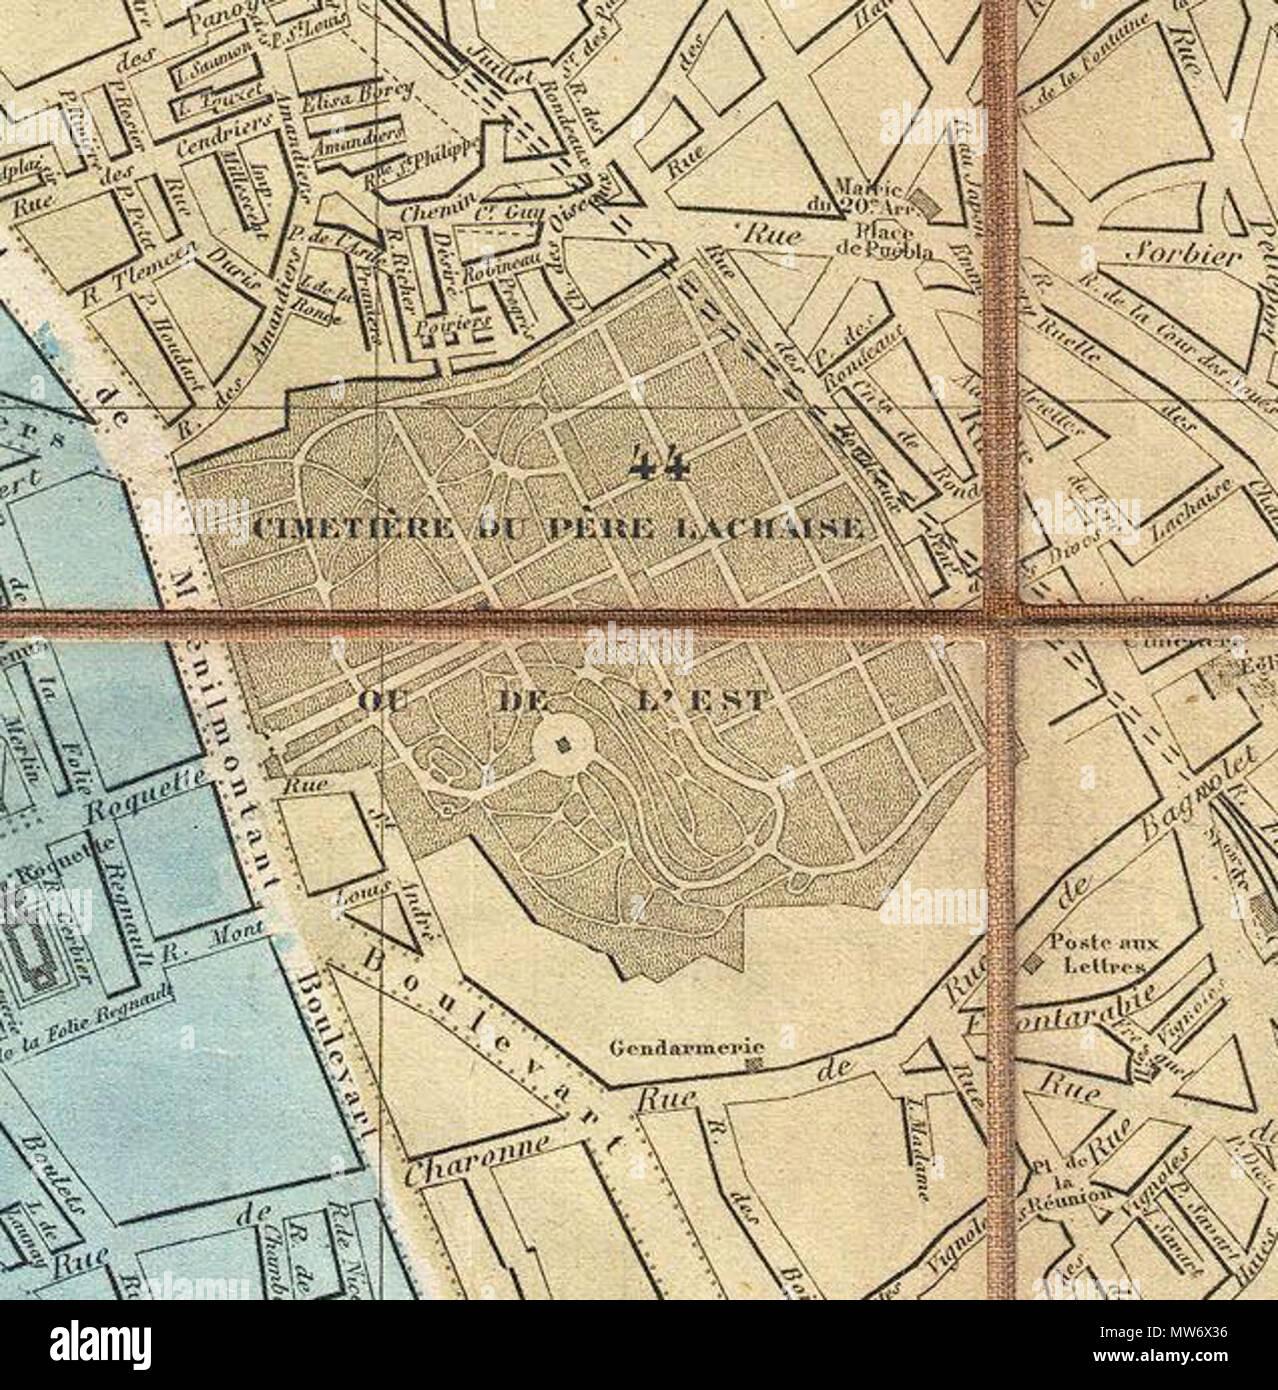 Paris Actuel En Arrondissements Dan Un Rayon De Kilometres - Show map of paris arrondissements